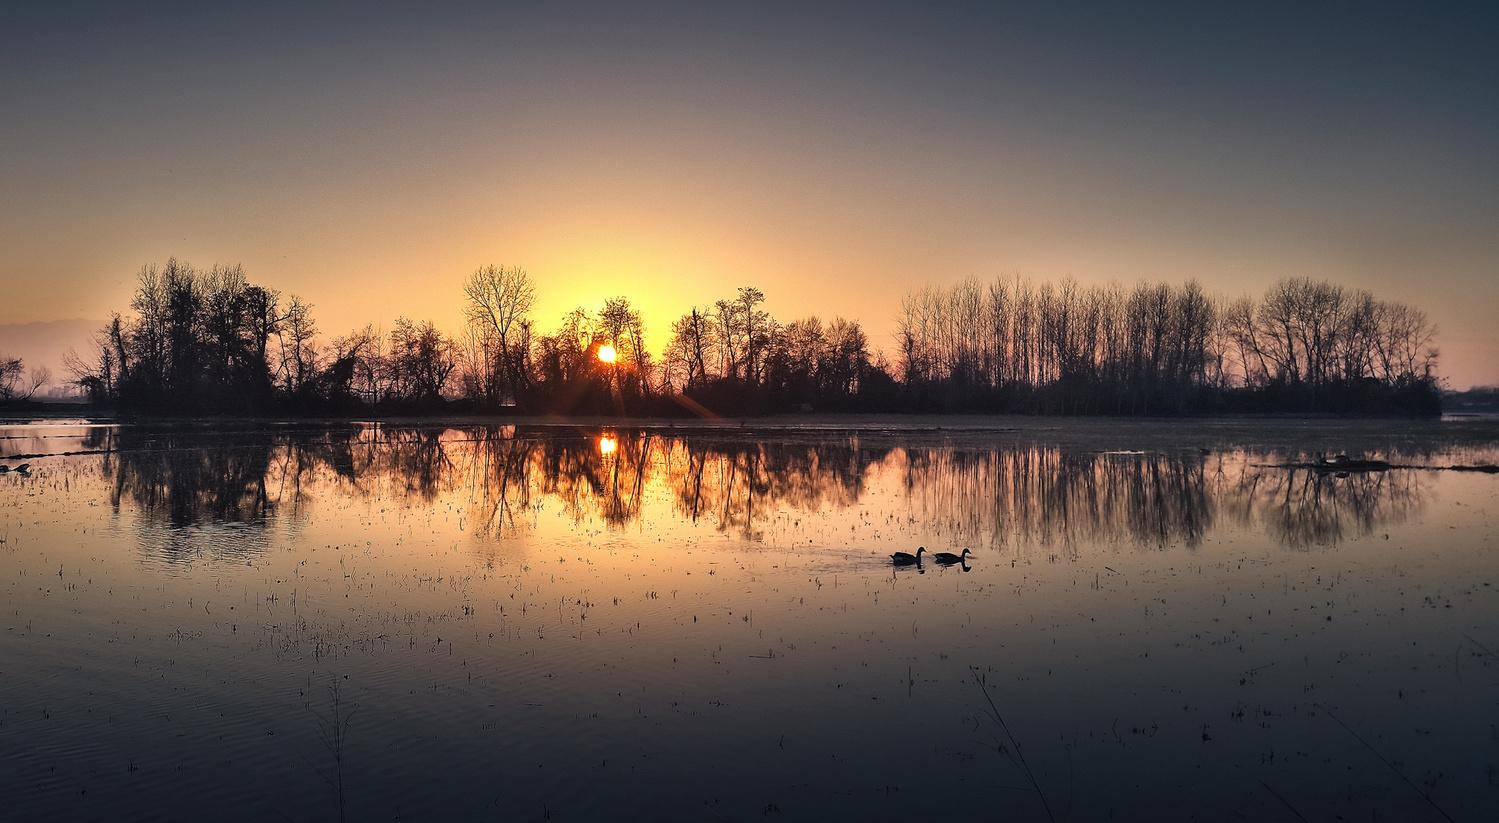 lake by ali gorohi